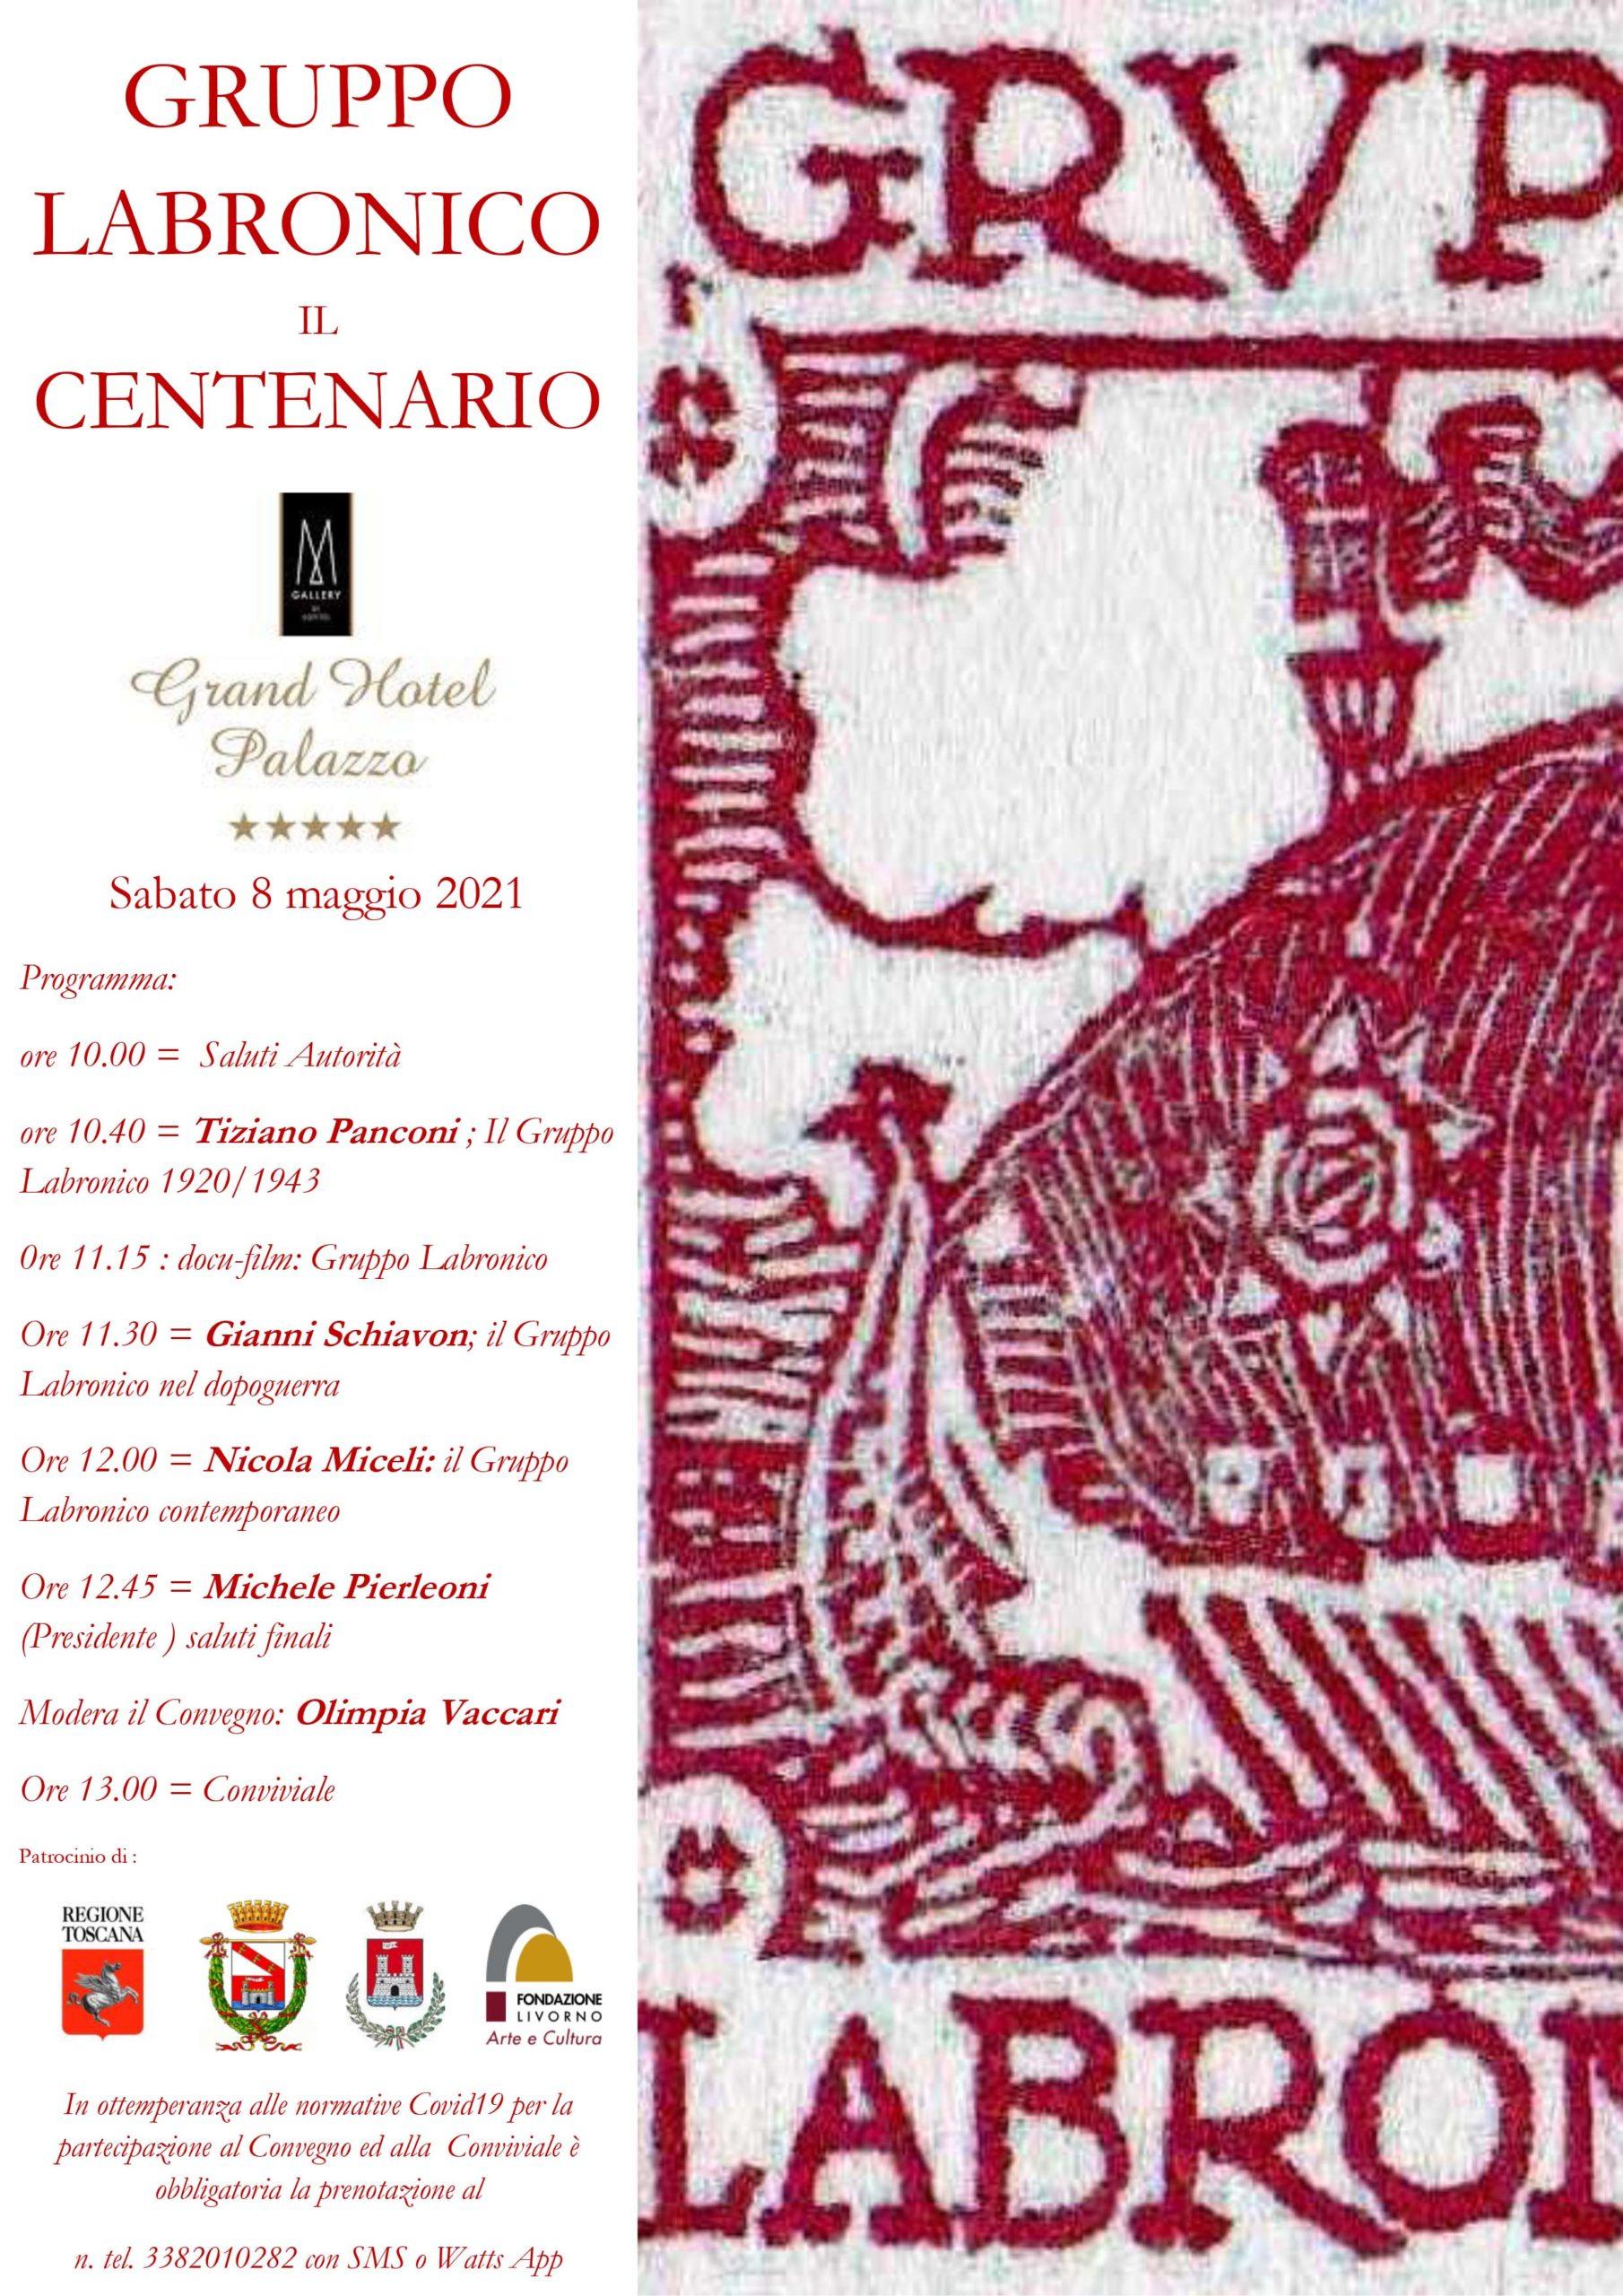 Il centenario del Gruppo Labronico: alla riscoperta delle sue radici storiche ed estetiche